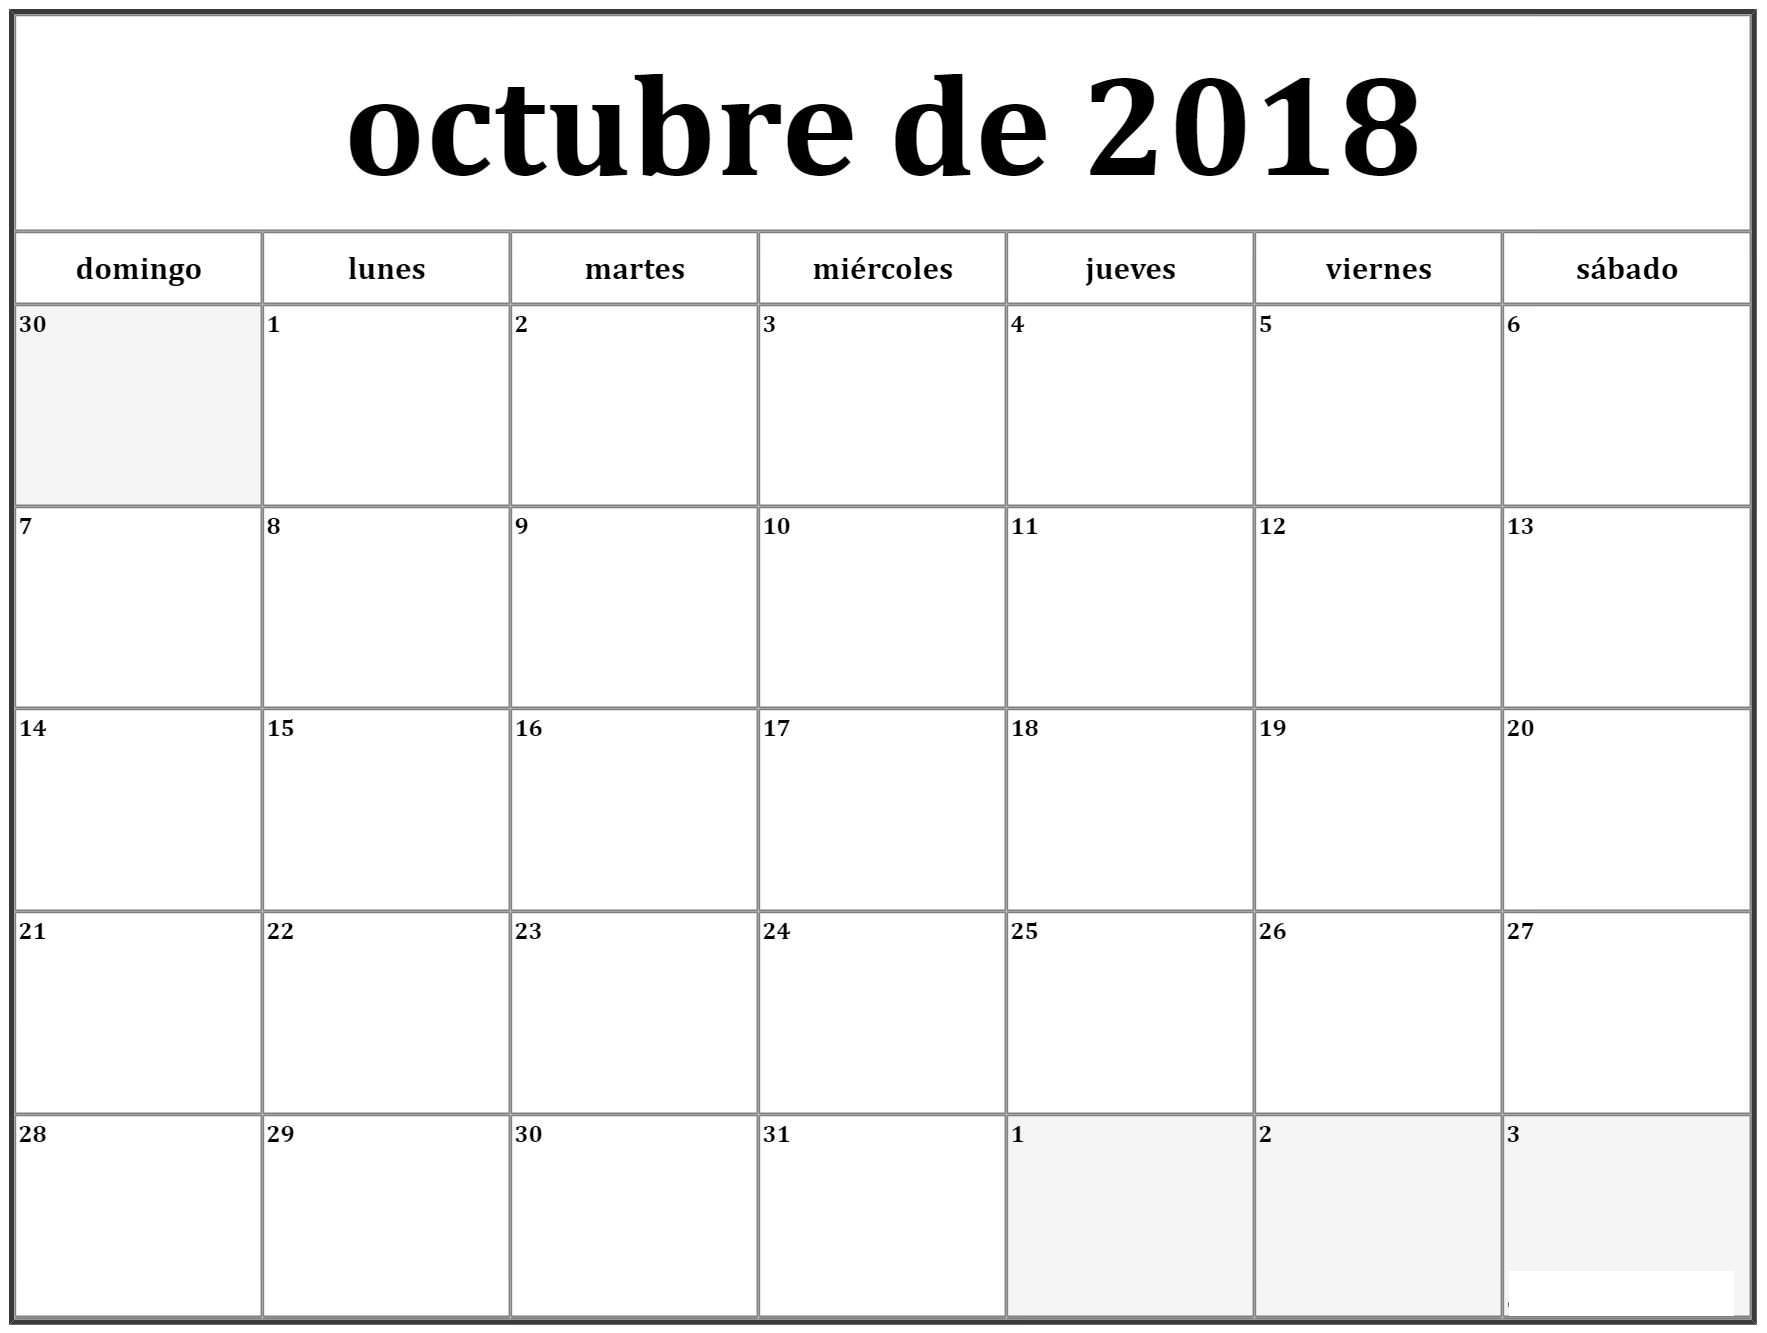 Calendario De Carnavales 2019 Más Recientes Calendario Octubre 2018 Colombia T Of Calendario De Carnavales 2019 Más Recientes Resultado De Imagen De Estrella De Navidad Con Corchos